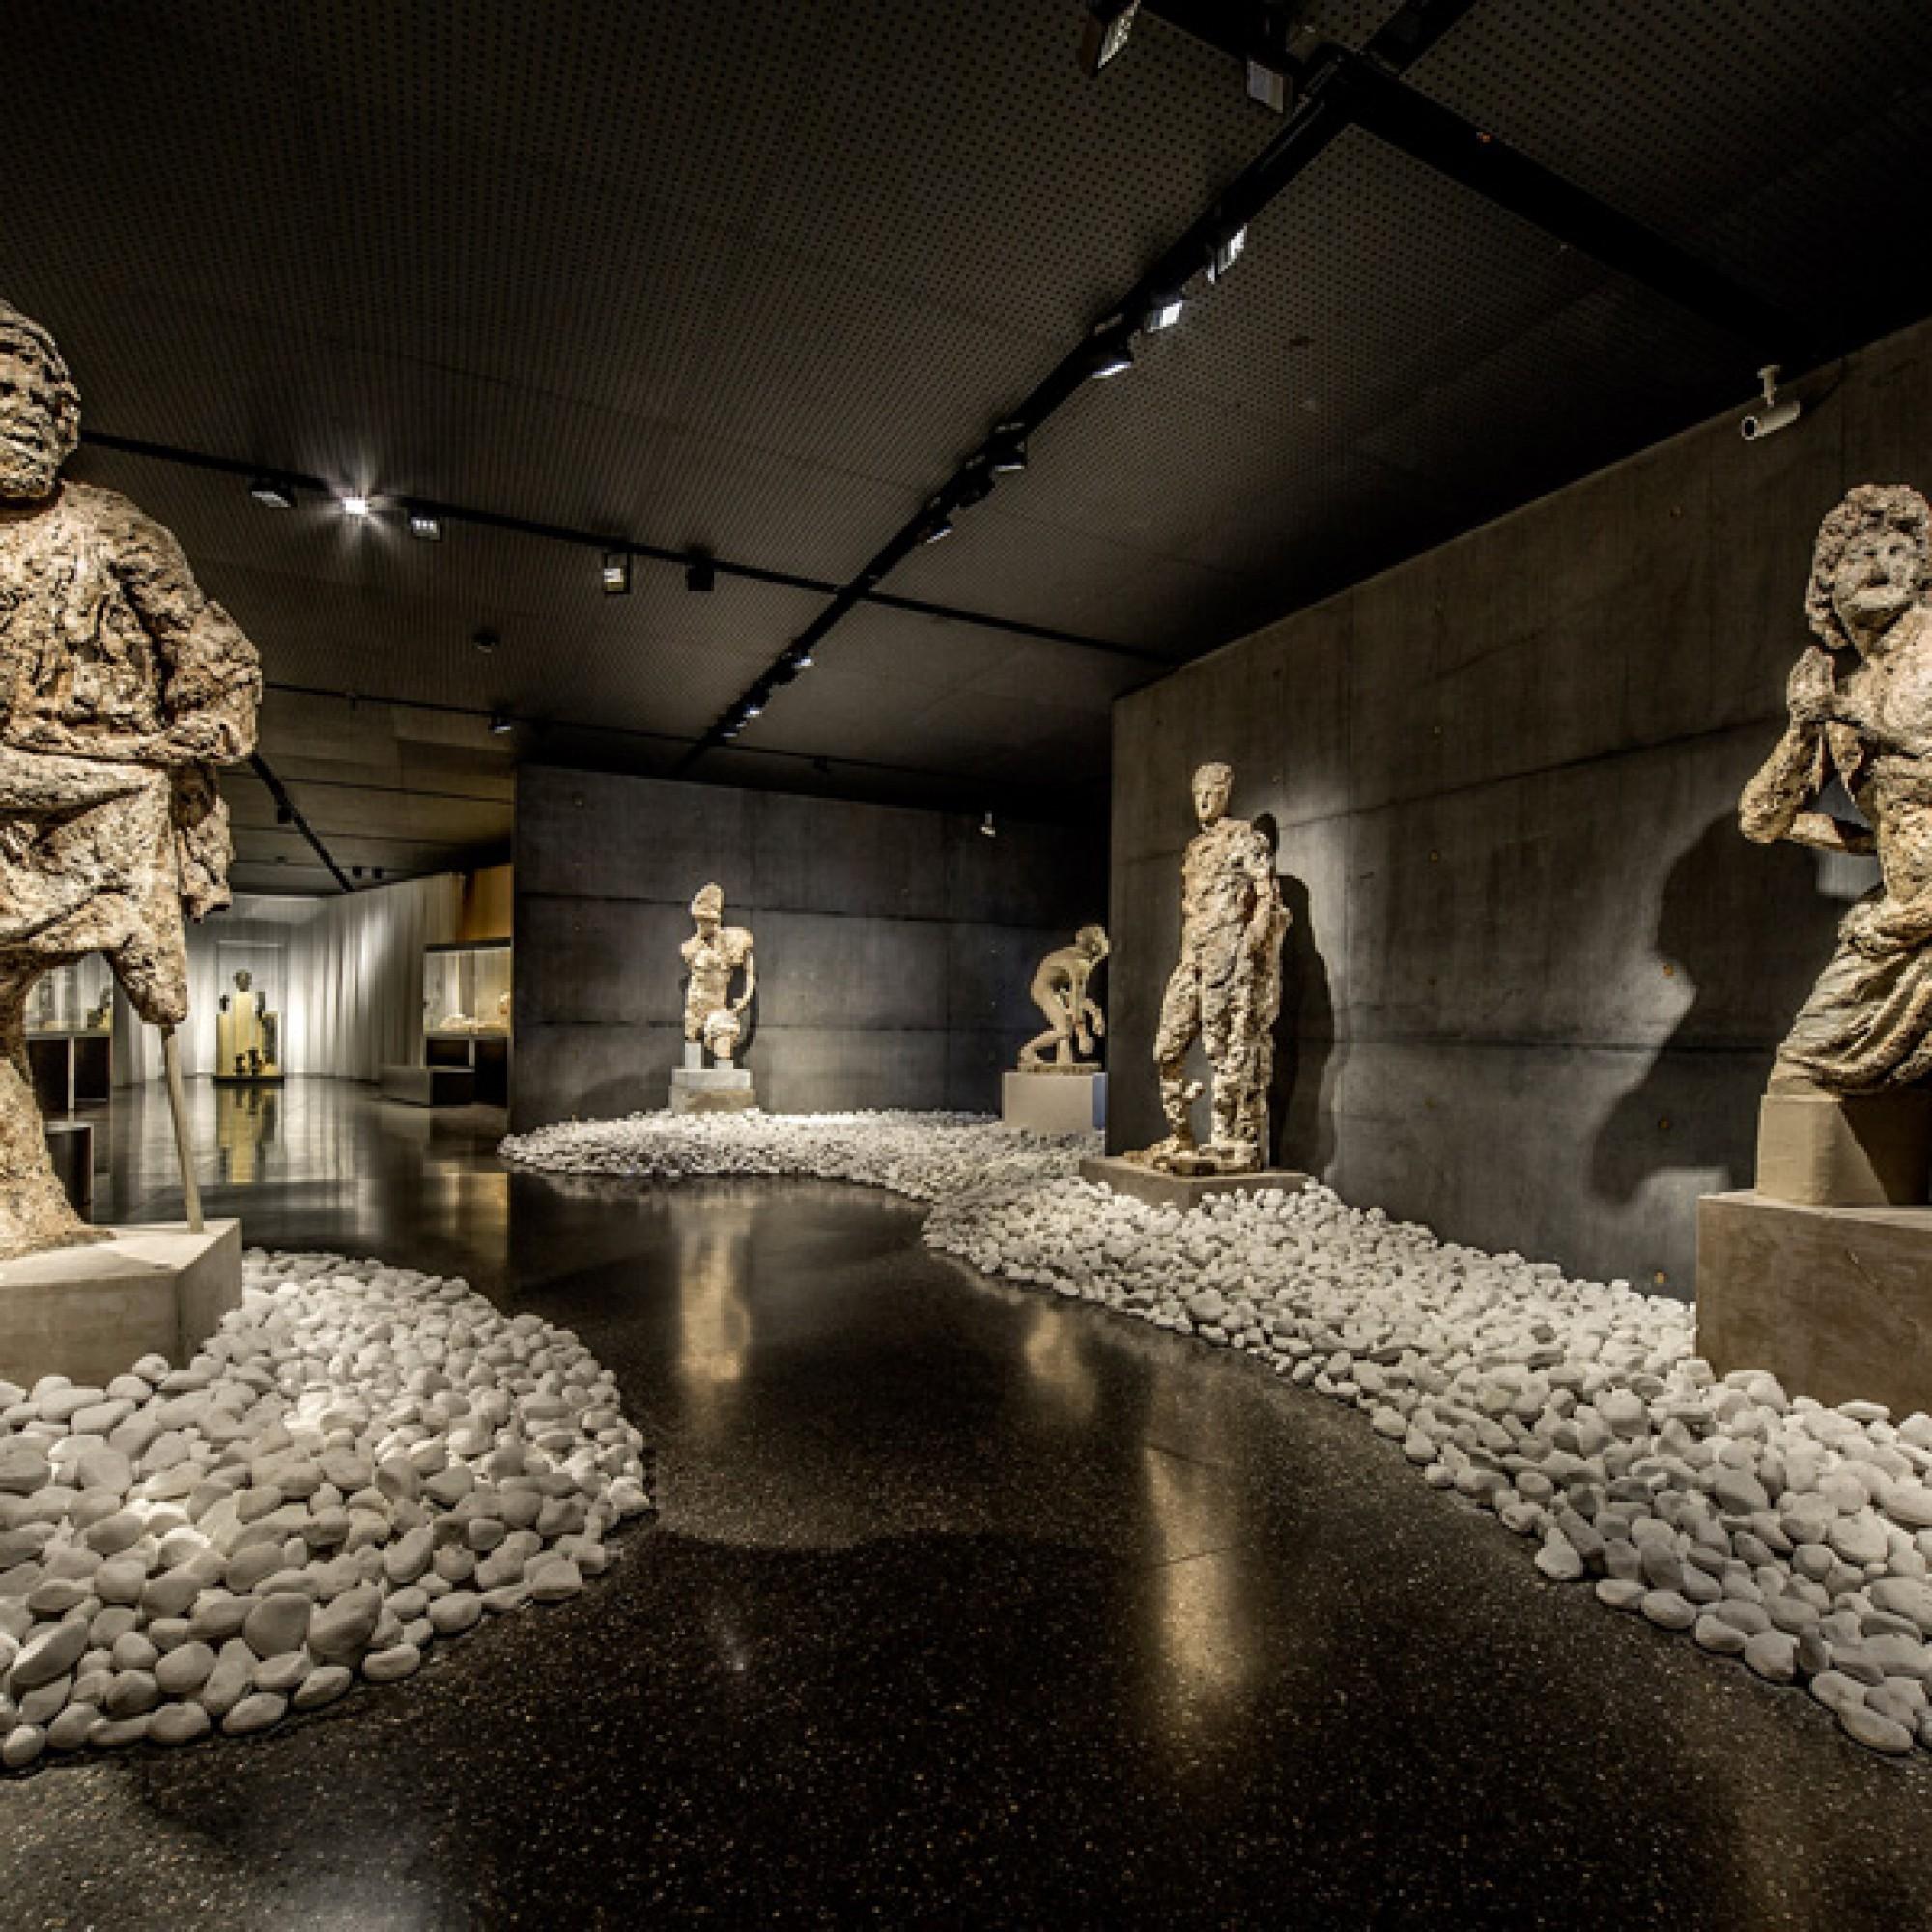 An den Statuen haben Algen und Meer ihre Spuren hinterlassen. (Antikenmuseum Basel)